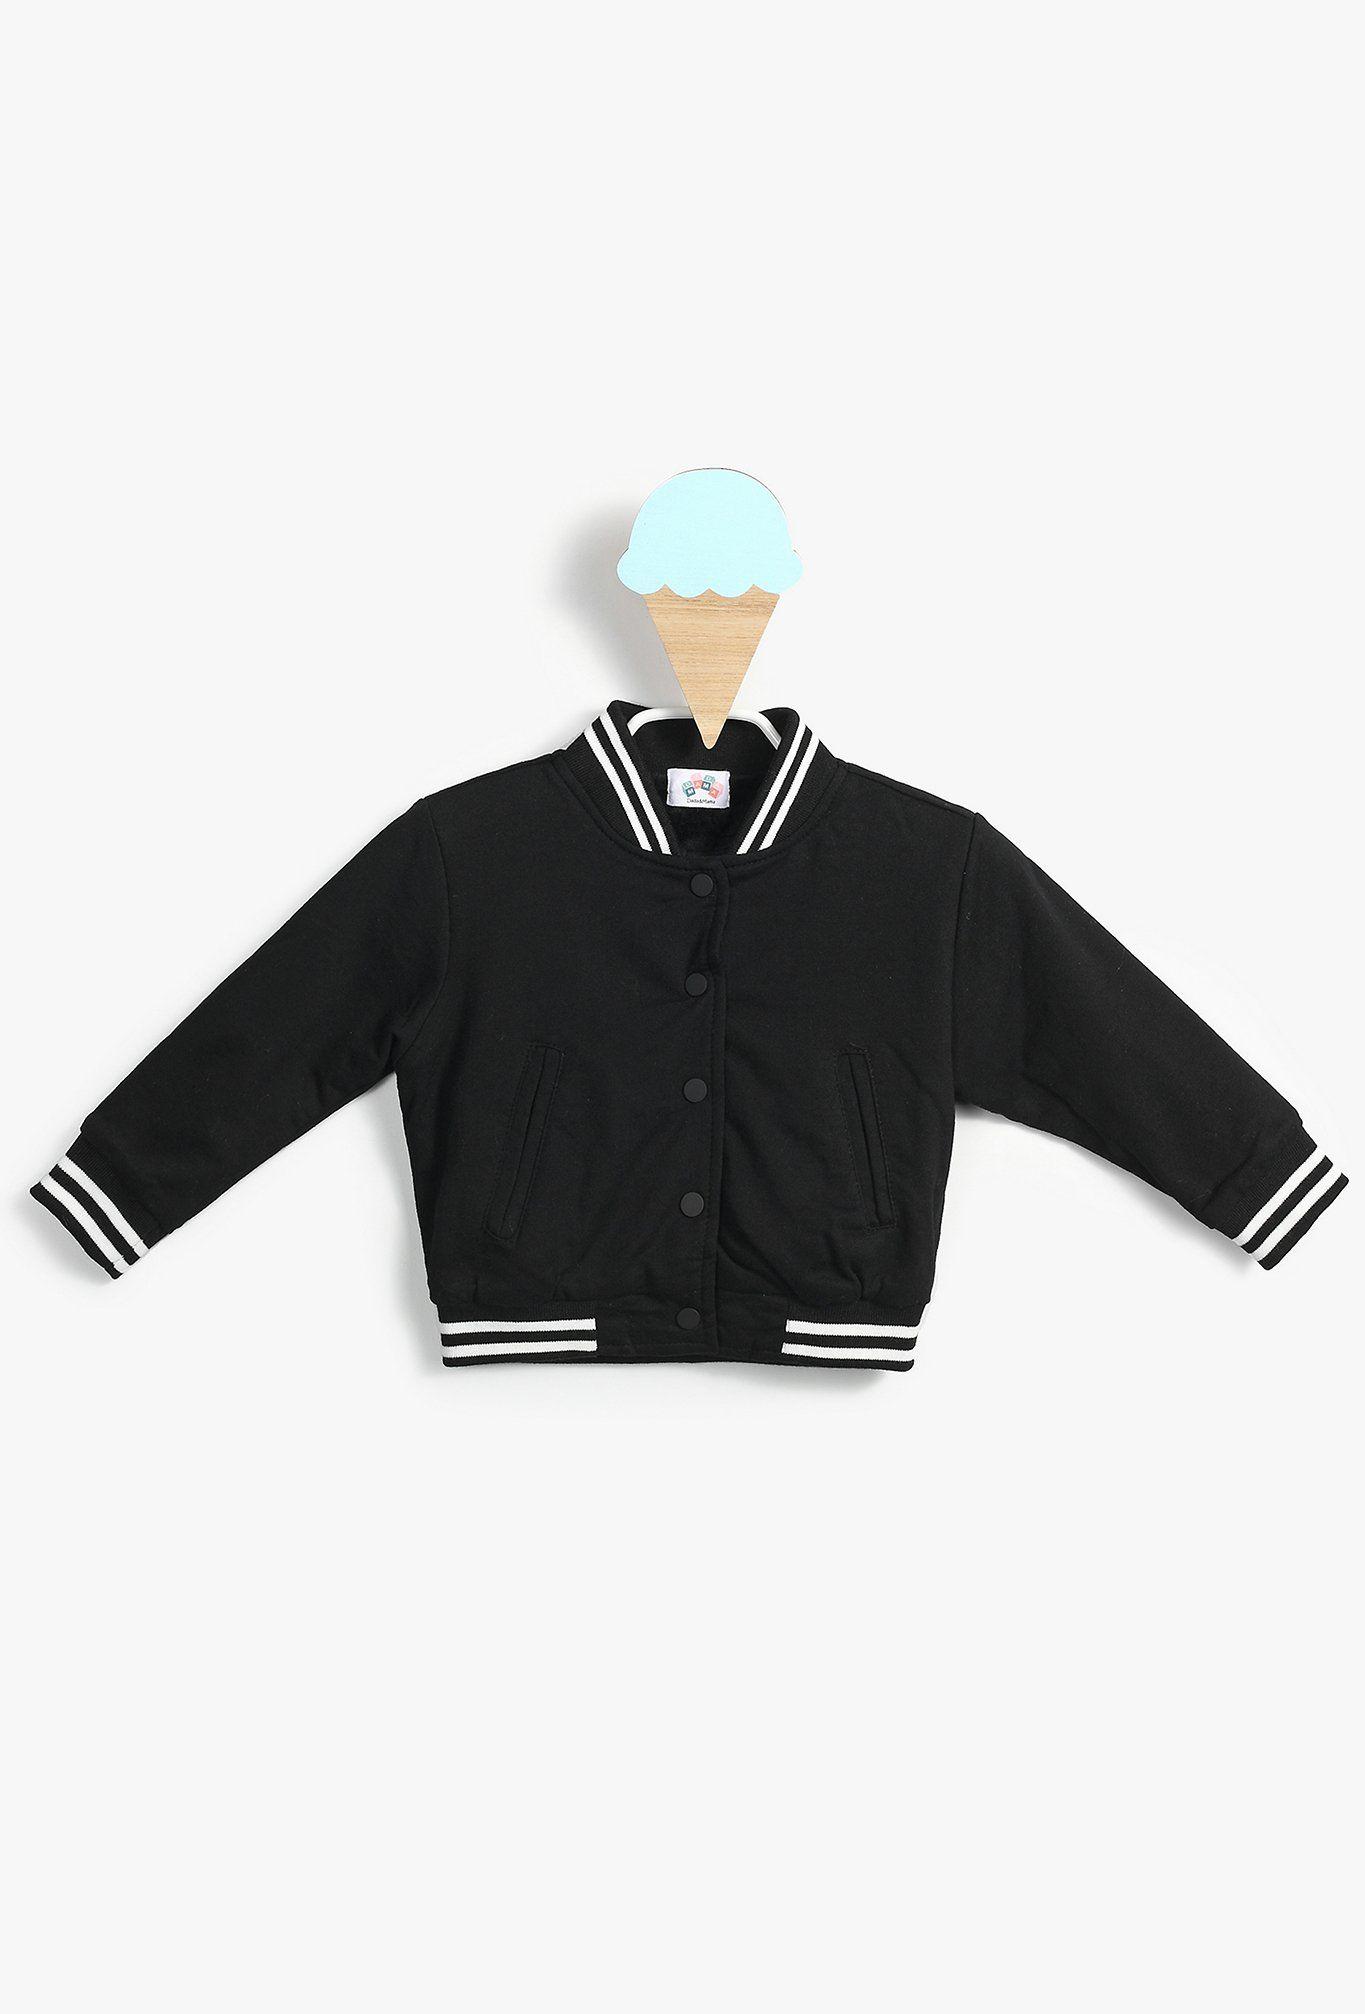 44d8b3da0744 Dark High School Boy Clothes